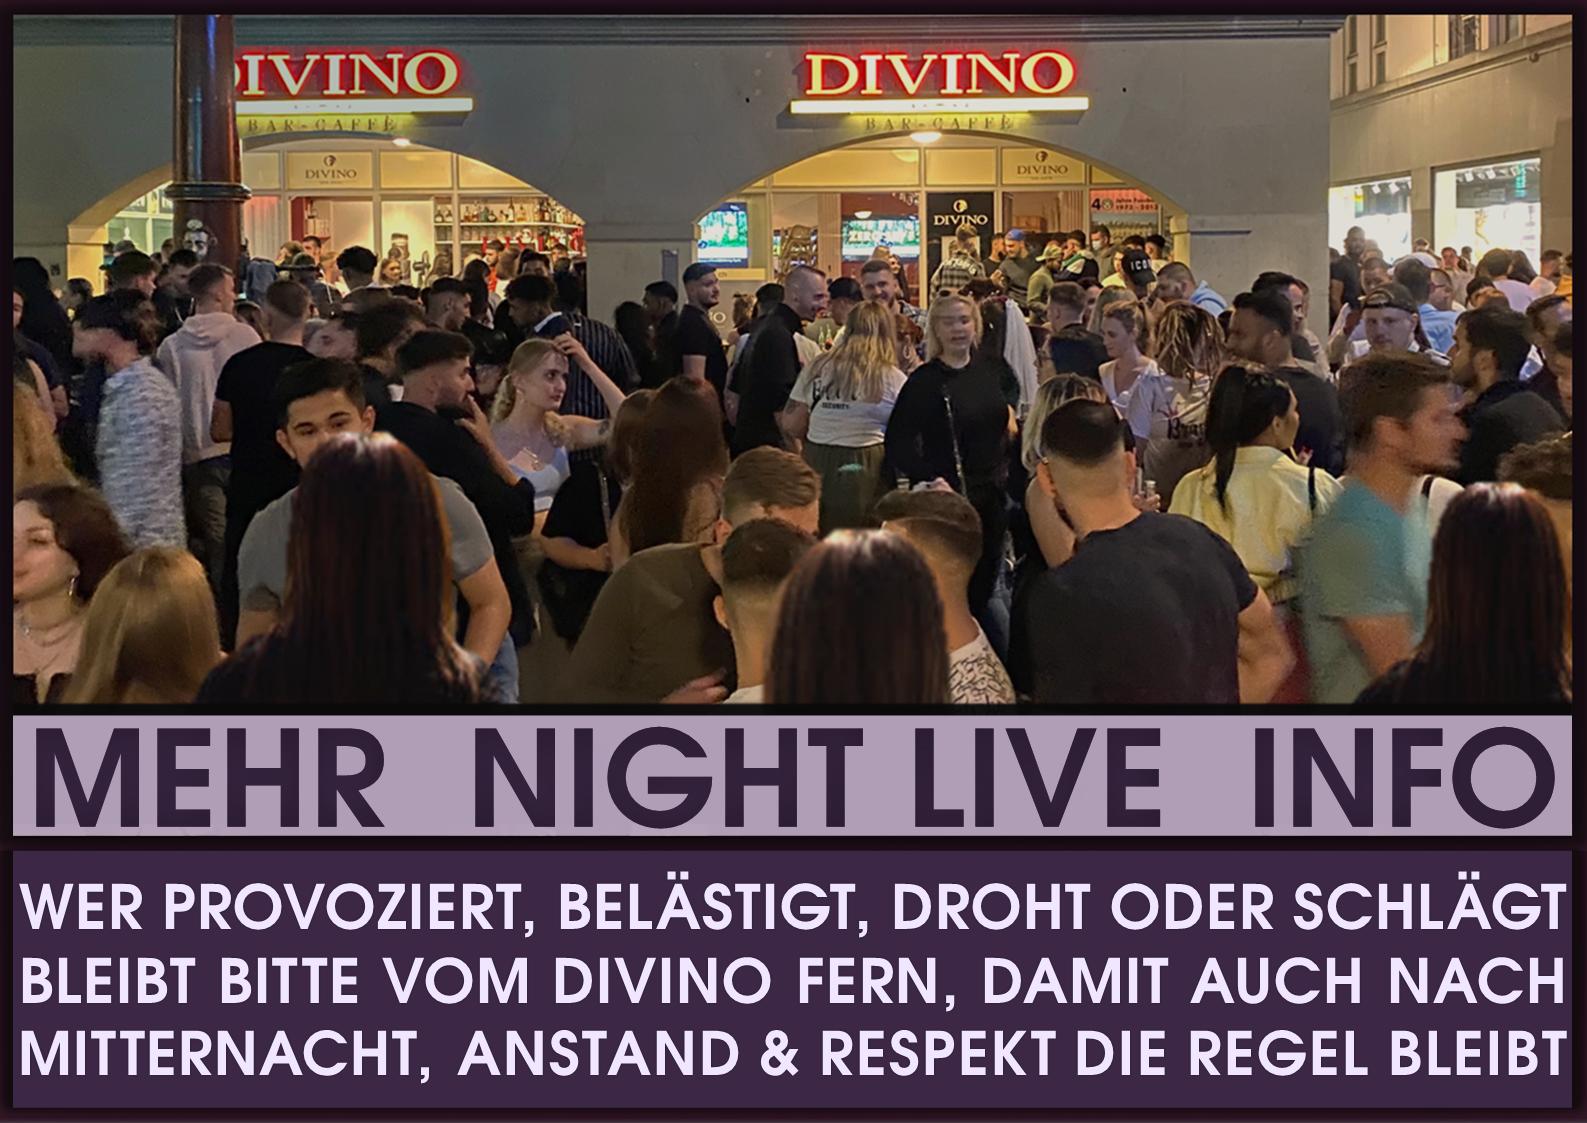 HIER findest Du alles über DIVINOs Night Live & Party Events